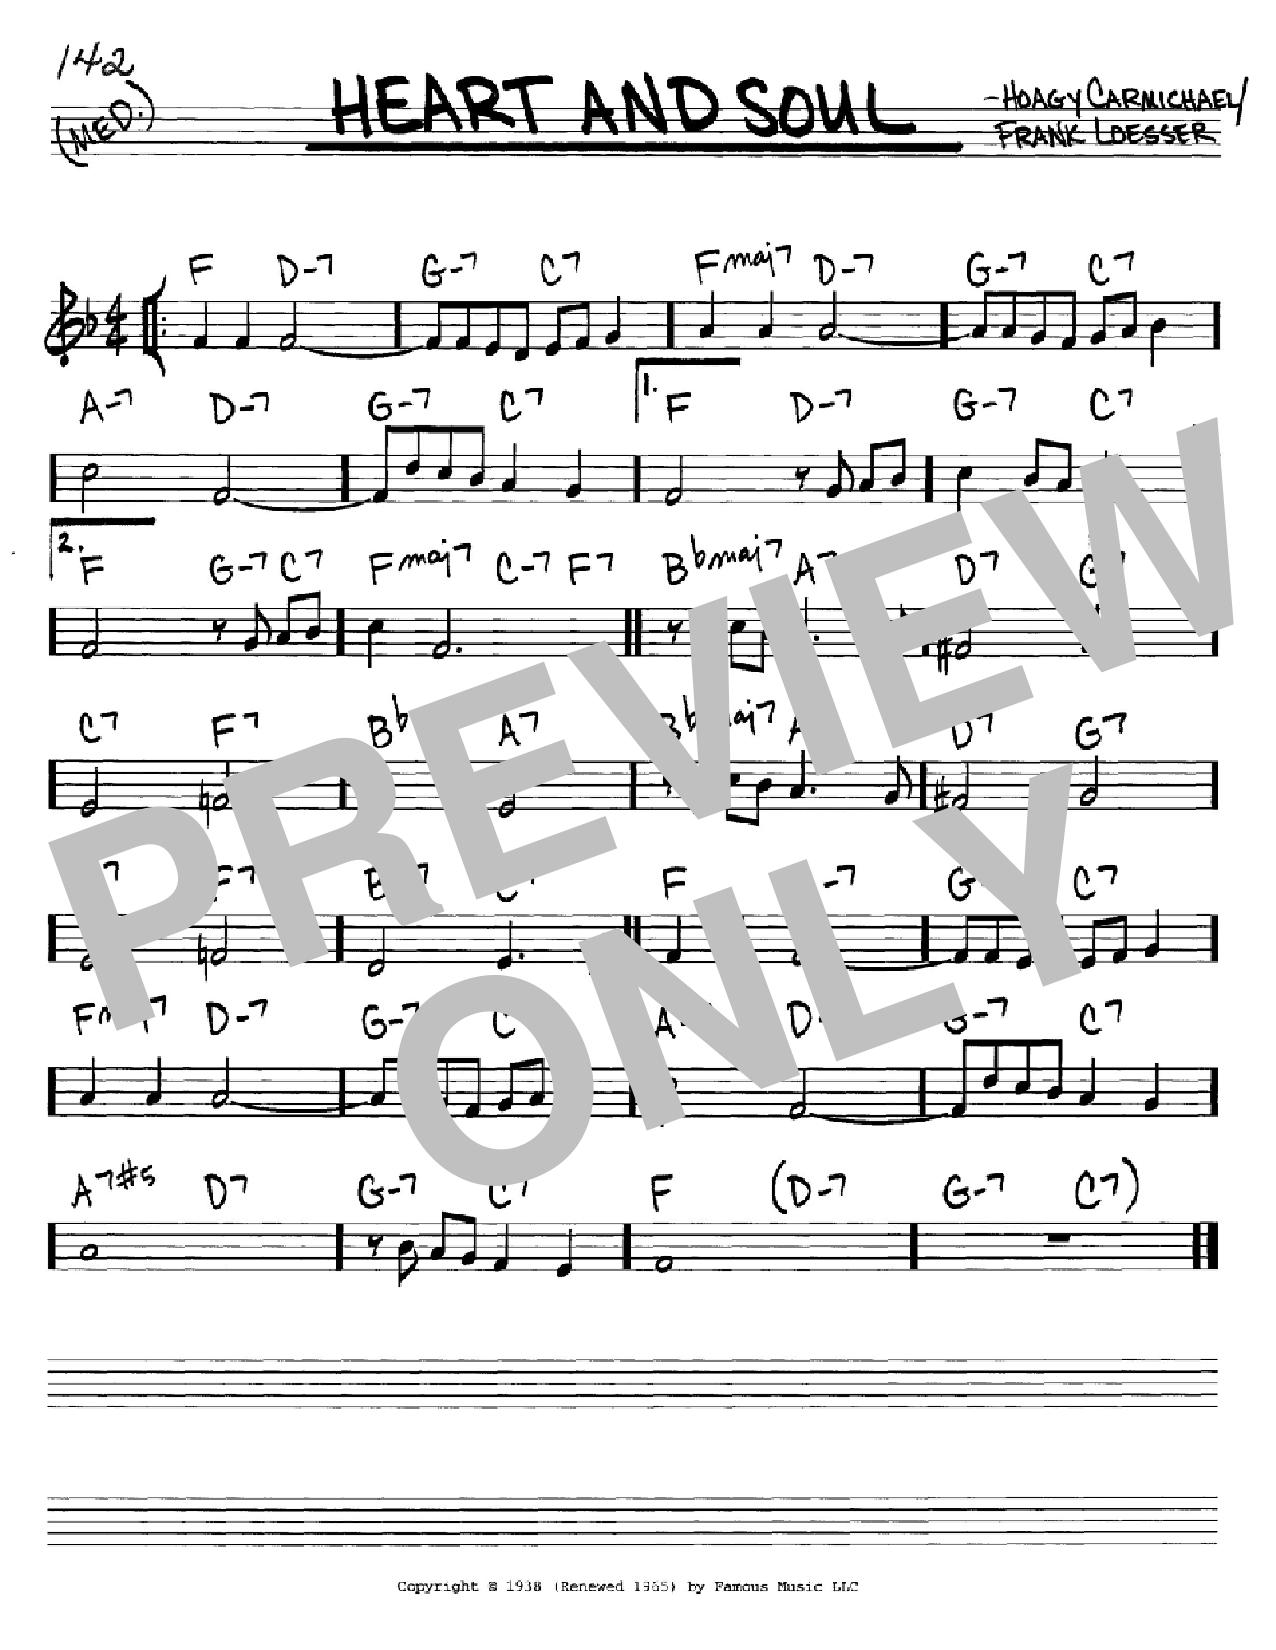 Partition autre Heart And Soul de Hoagy Carmichael - Real Book, Melodie et Accords, Inst. En Do